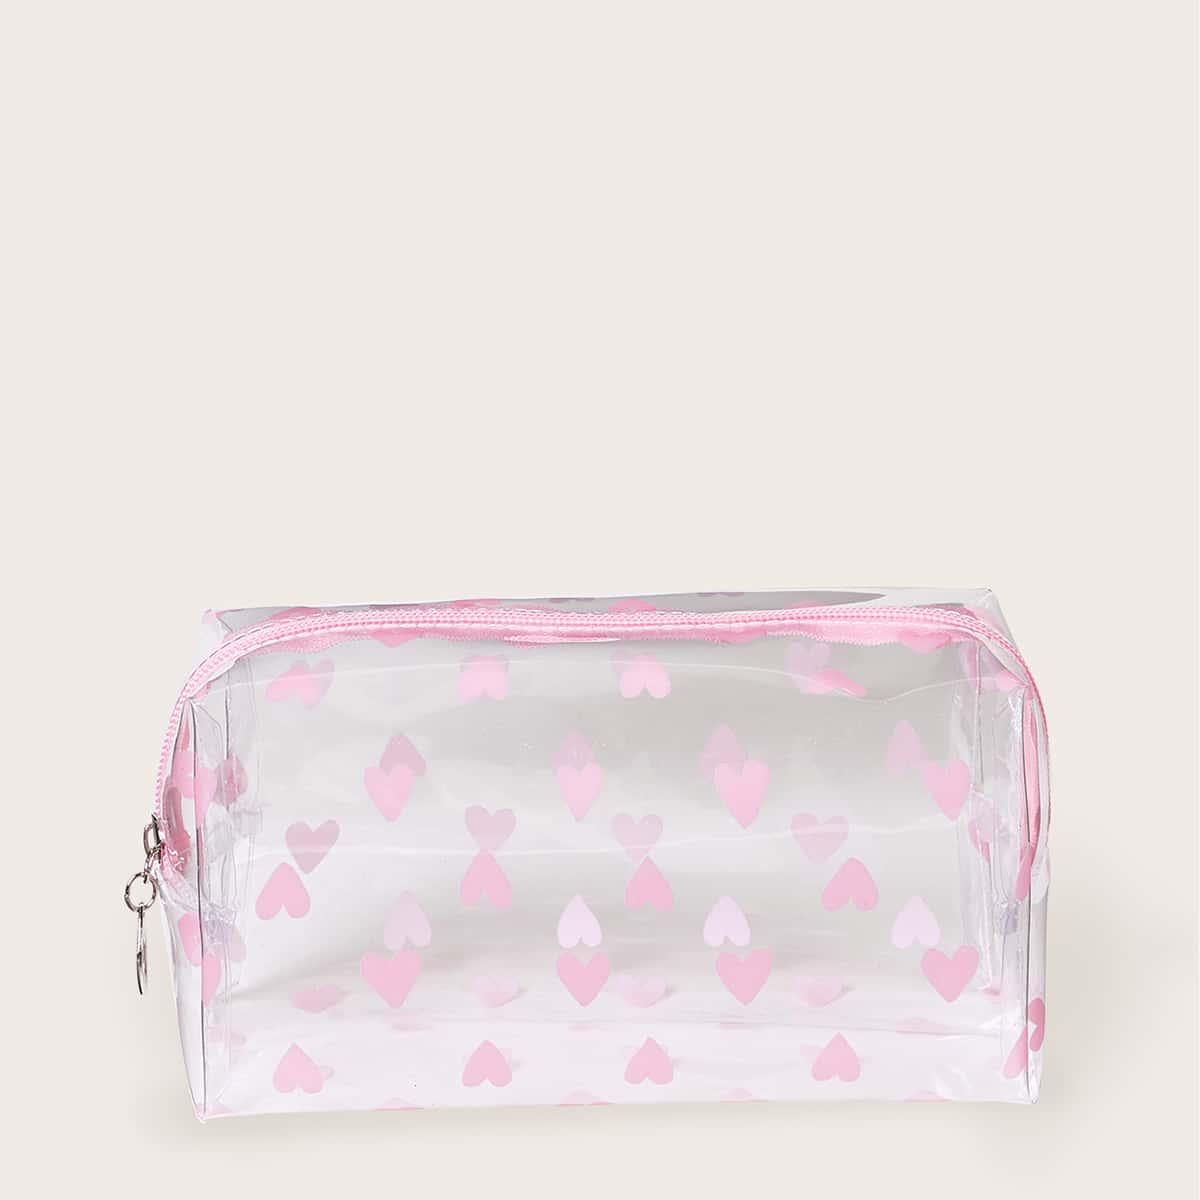 Прозрачная косметическая сумка с узором сердечка фото